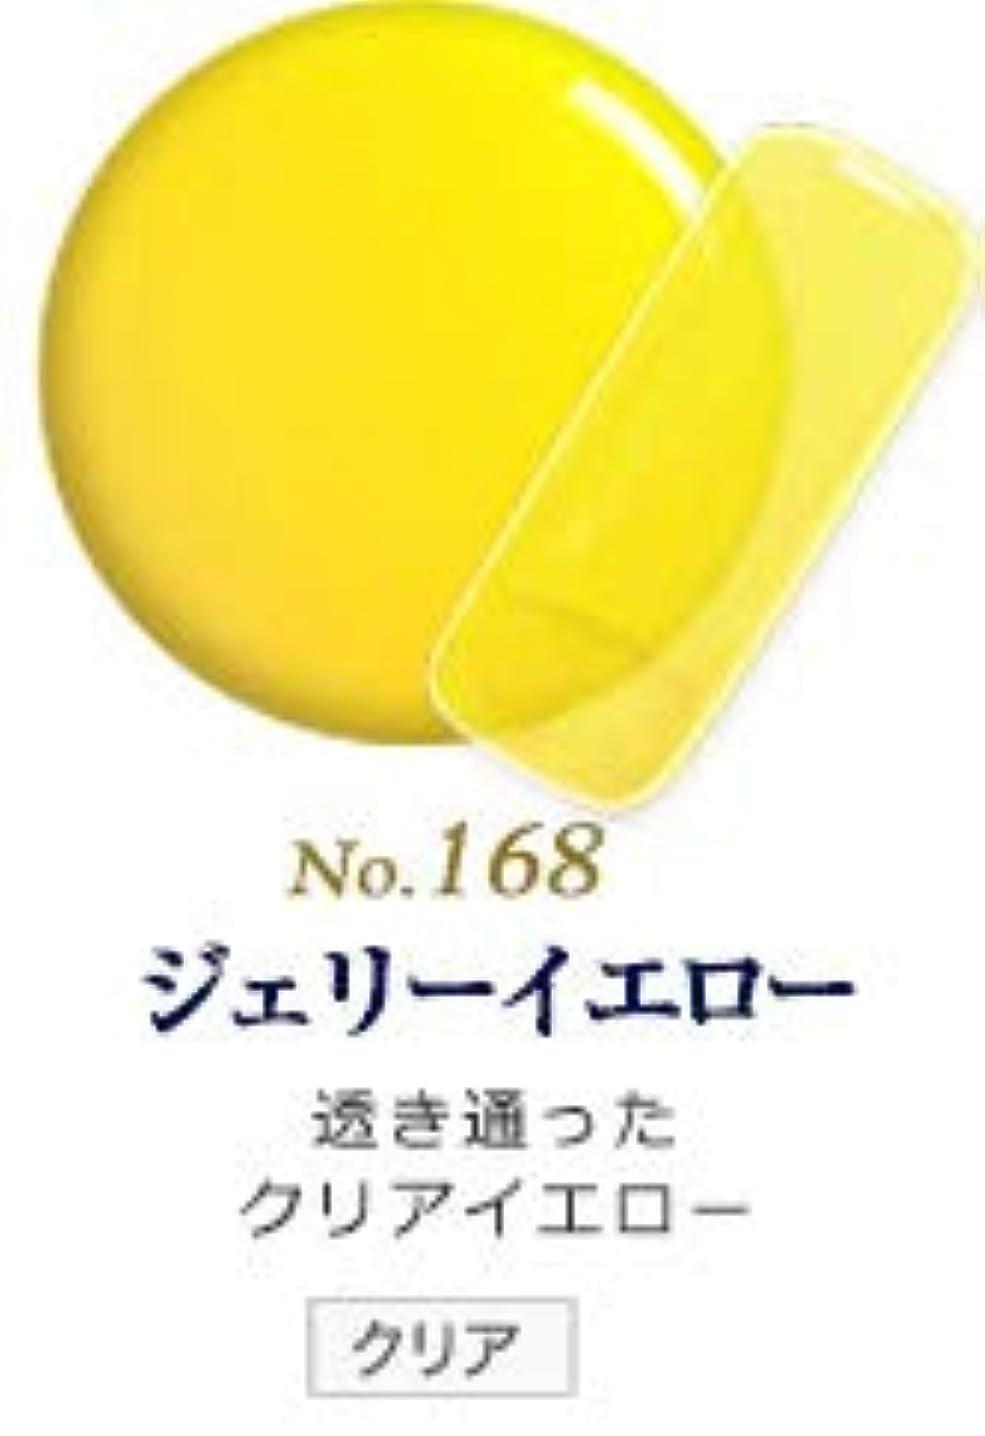 炭水化物準備した葡萄発色抜群 削らなくてもオフが出来る 新グレースジェルカラーNo.11~No.209 (ジェリーイエロー)